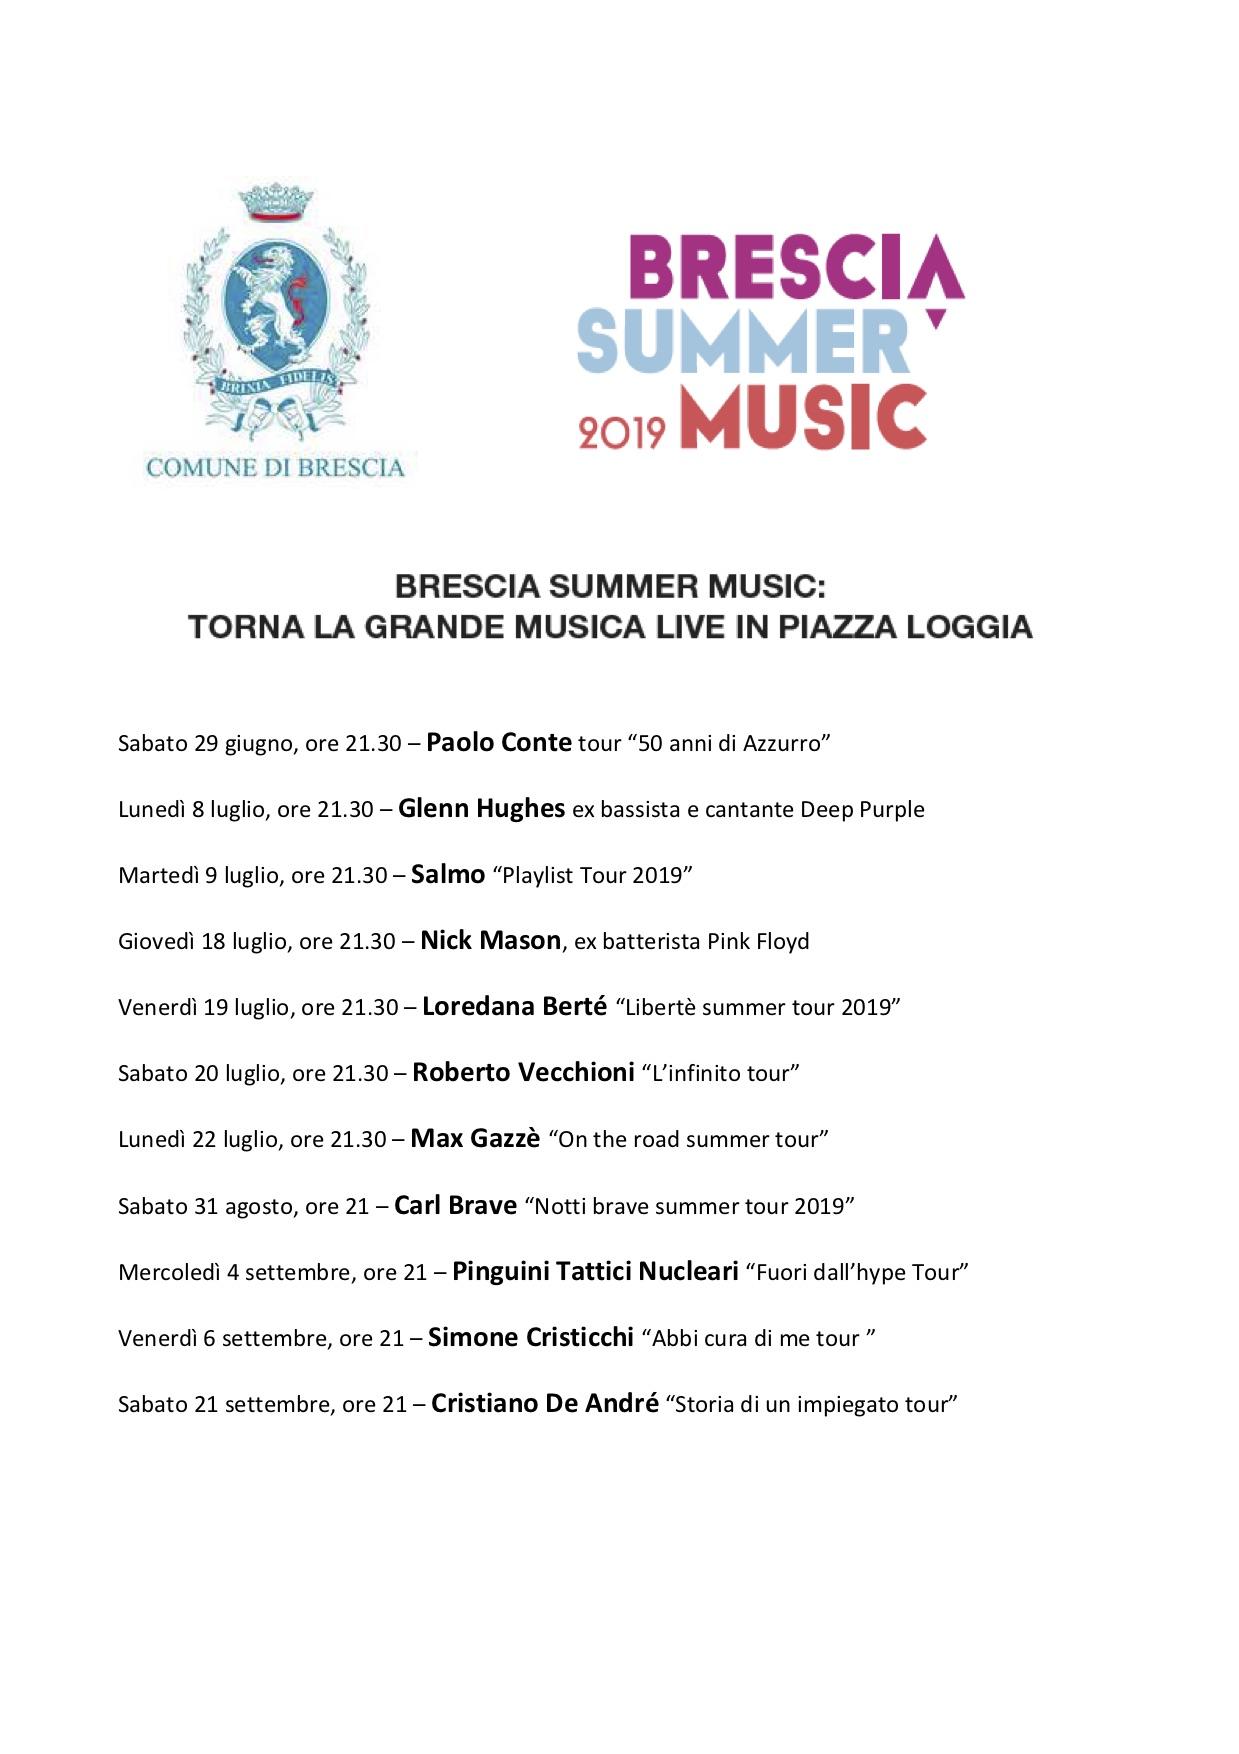 L'ESTATE IN MUSICA DEI BRESCIANI